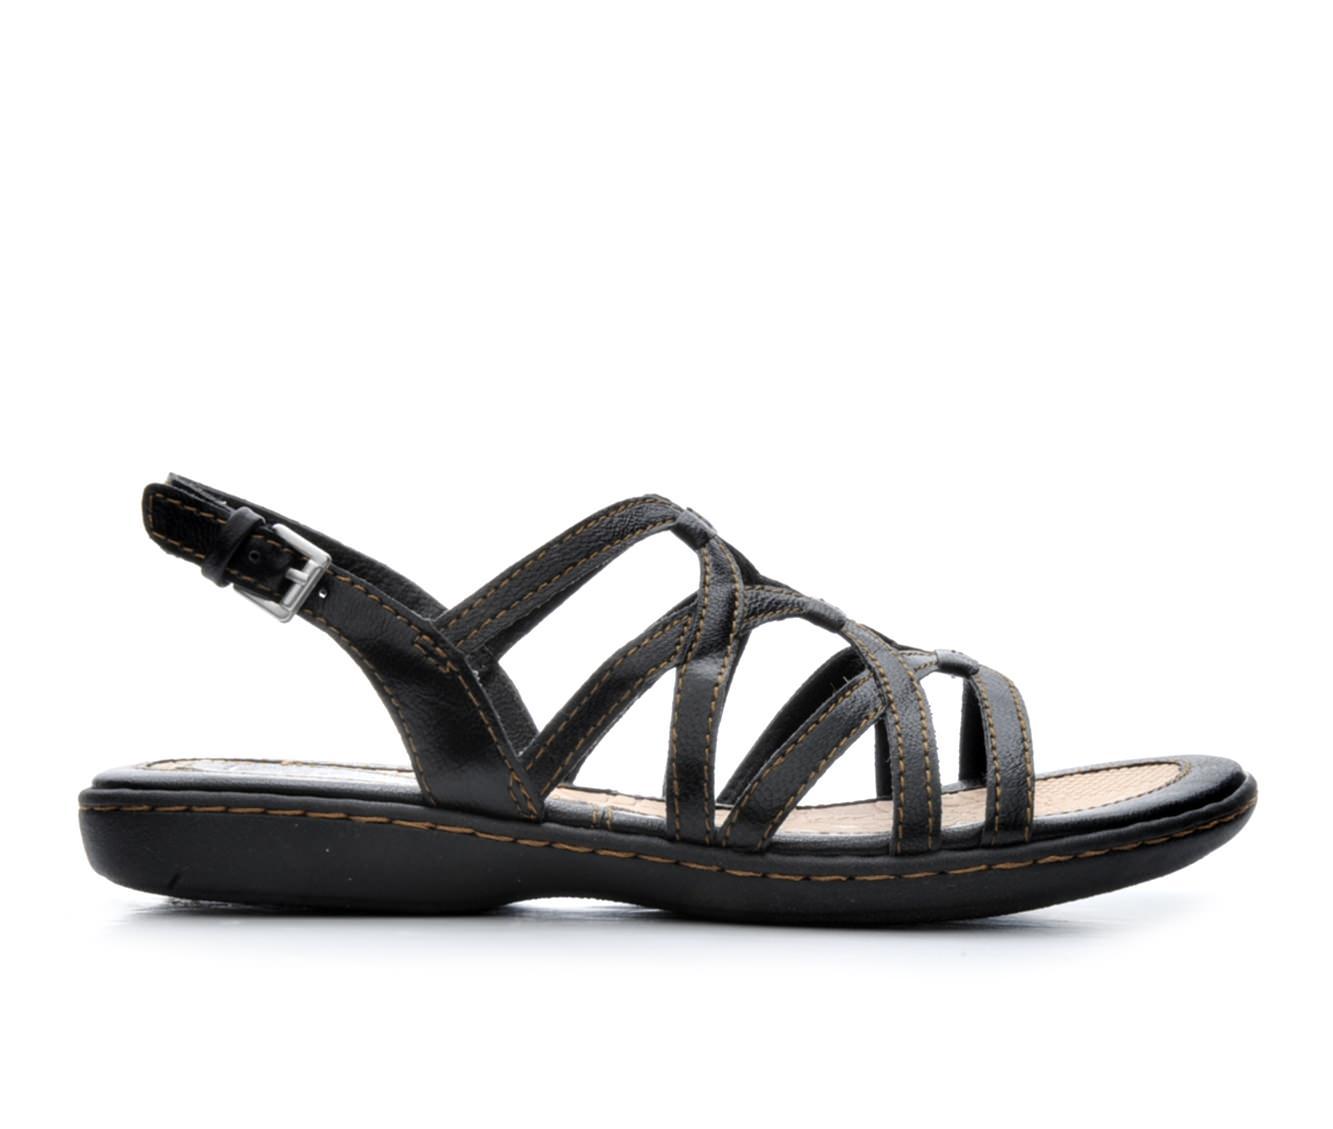 7b98f431eaf Women s B.O.C. Cora Sandals (Black)